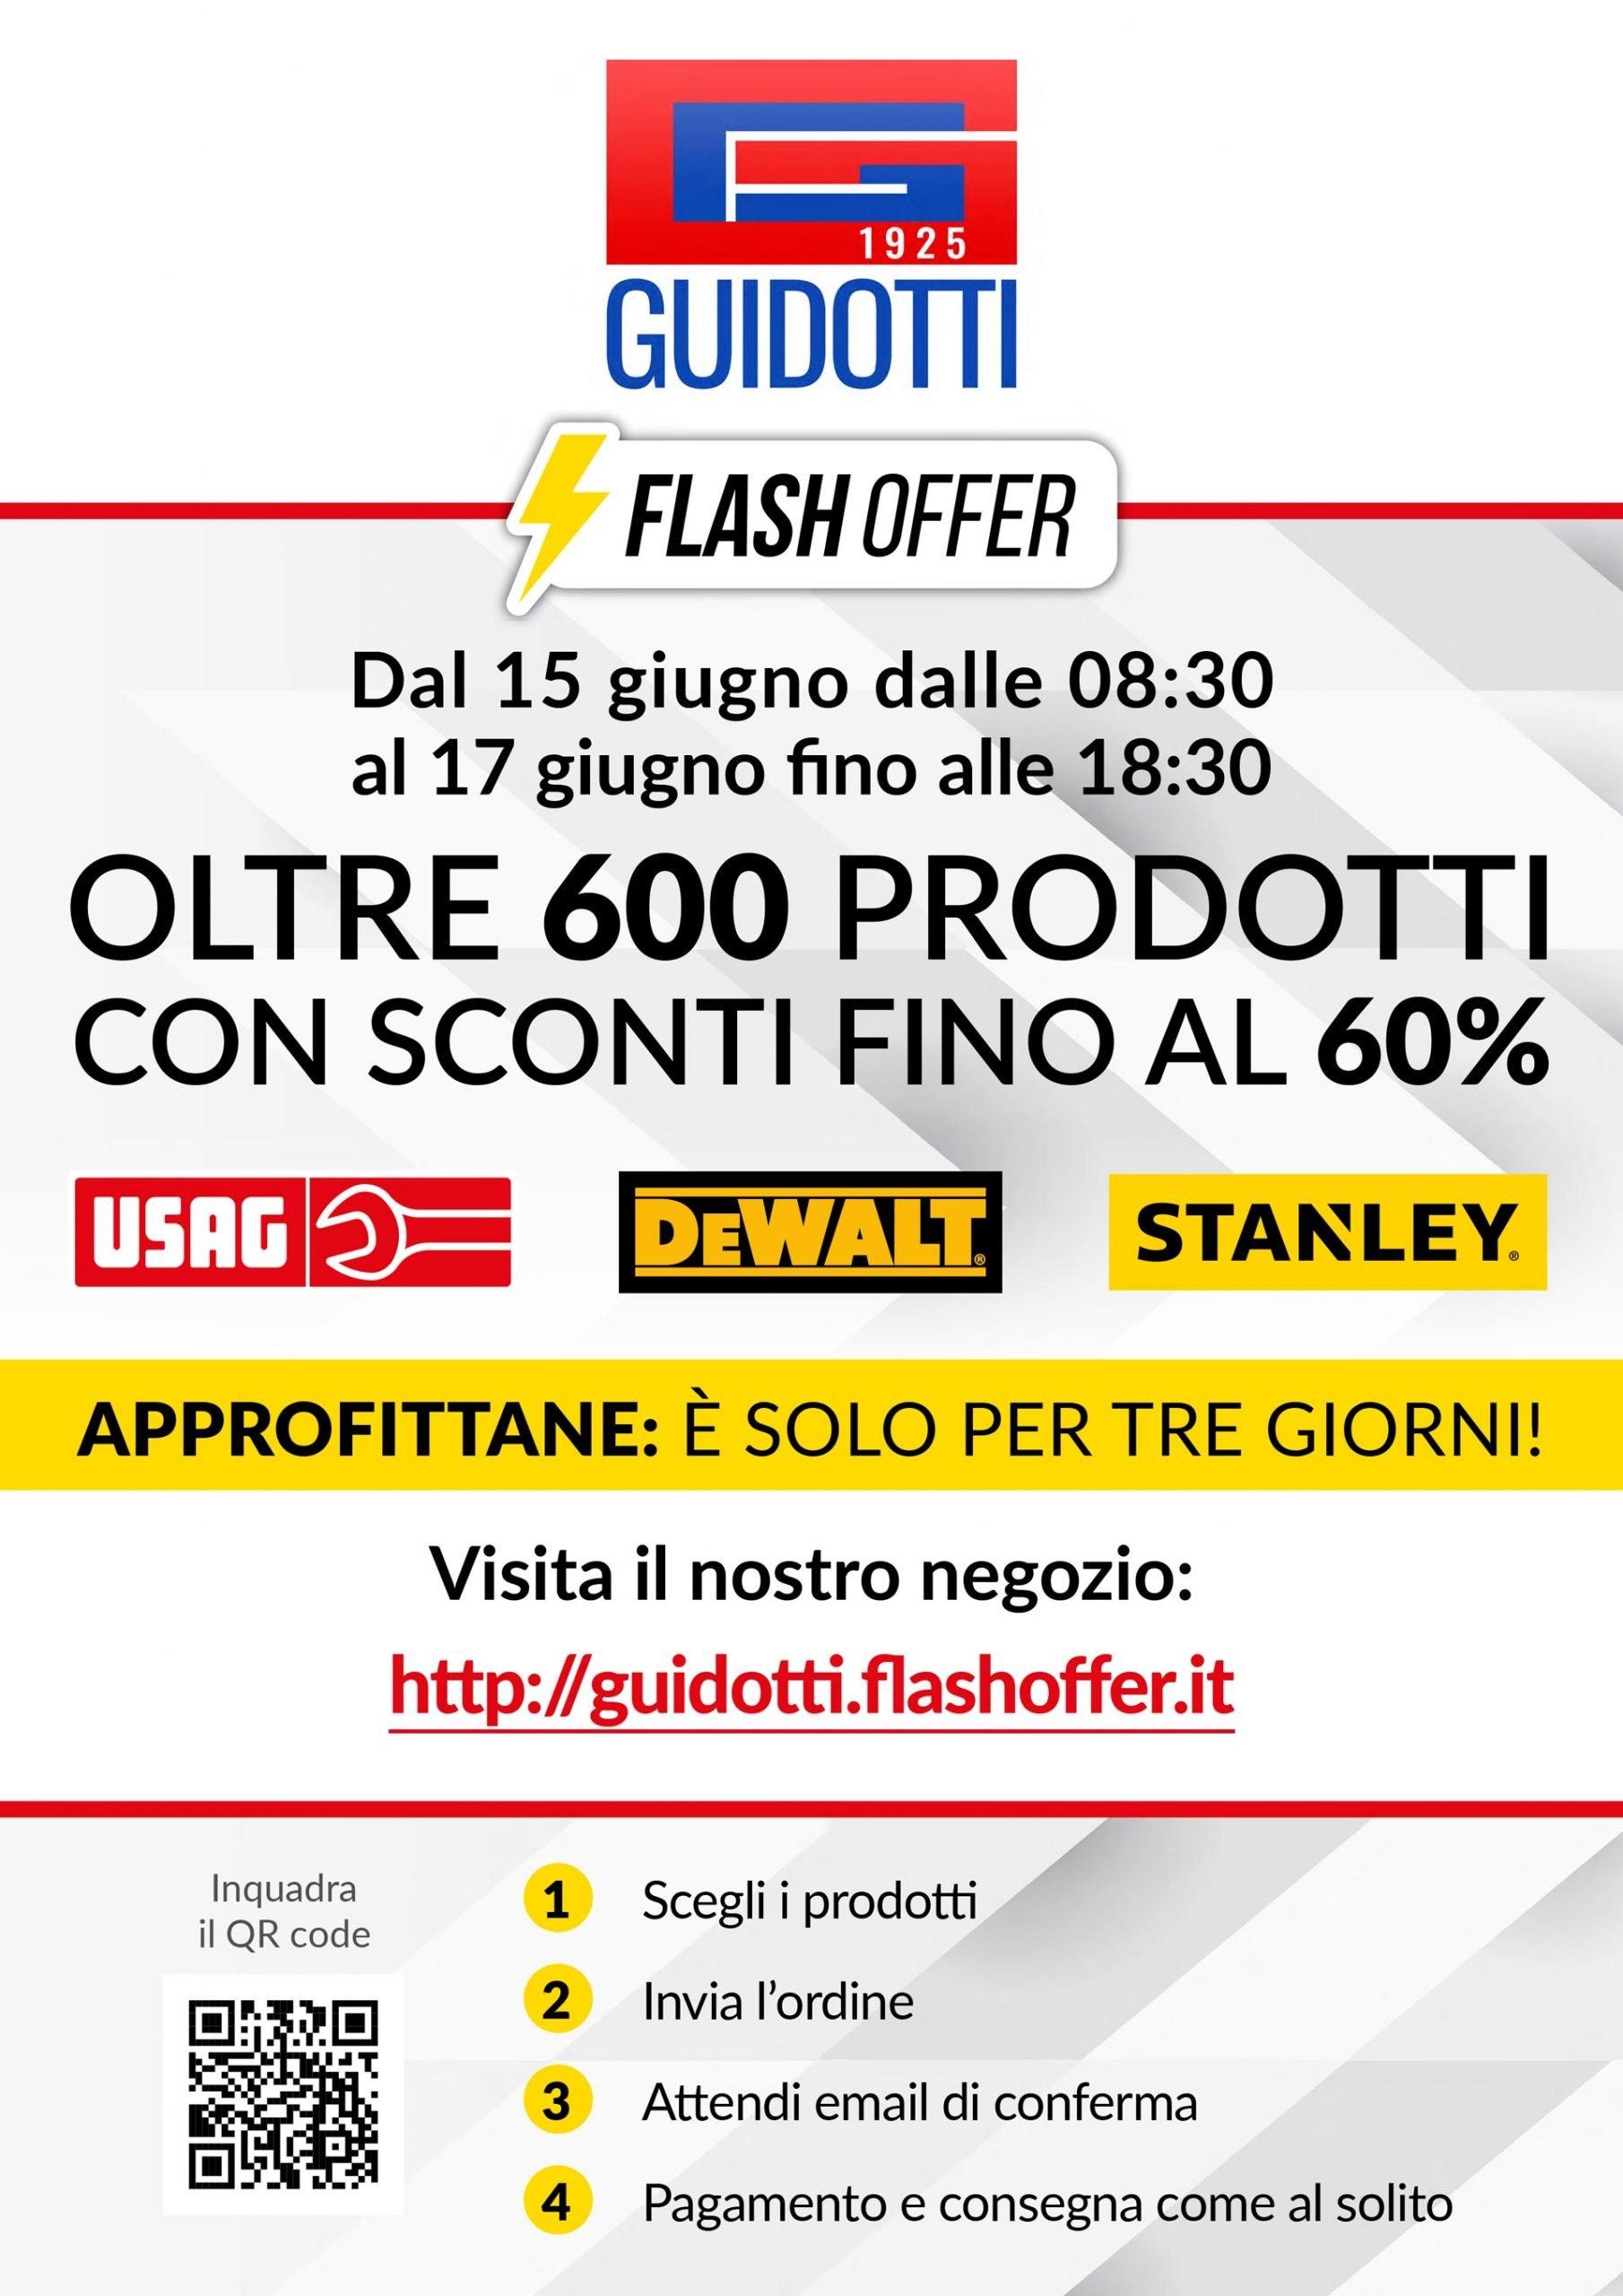 Dal 15 al 17 Giugno in Flash Offer oltre 600 articoli Usag, Stanley e Dewalt con sconti fino al 60 per cento